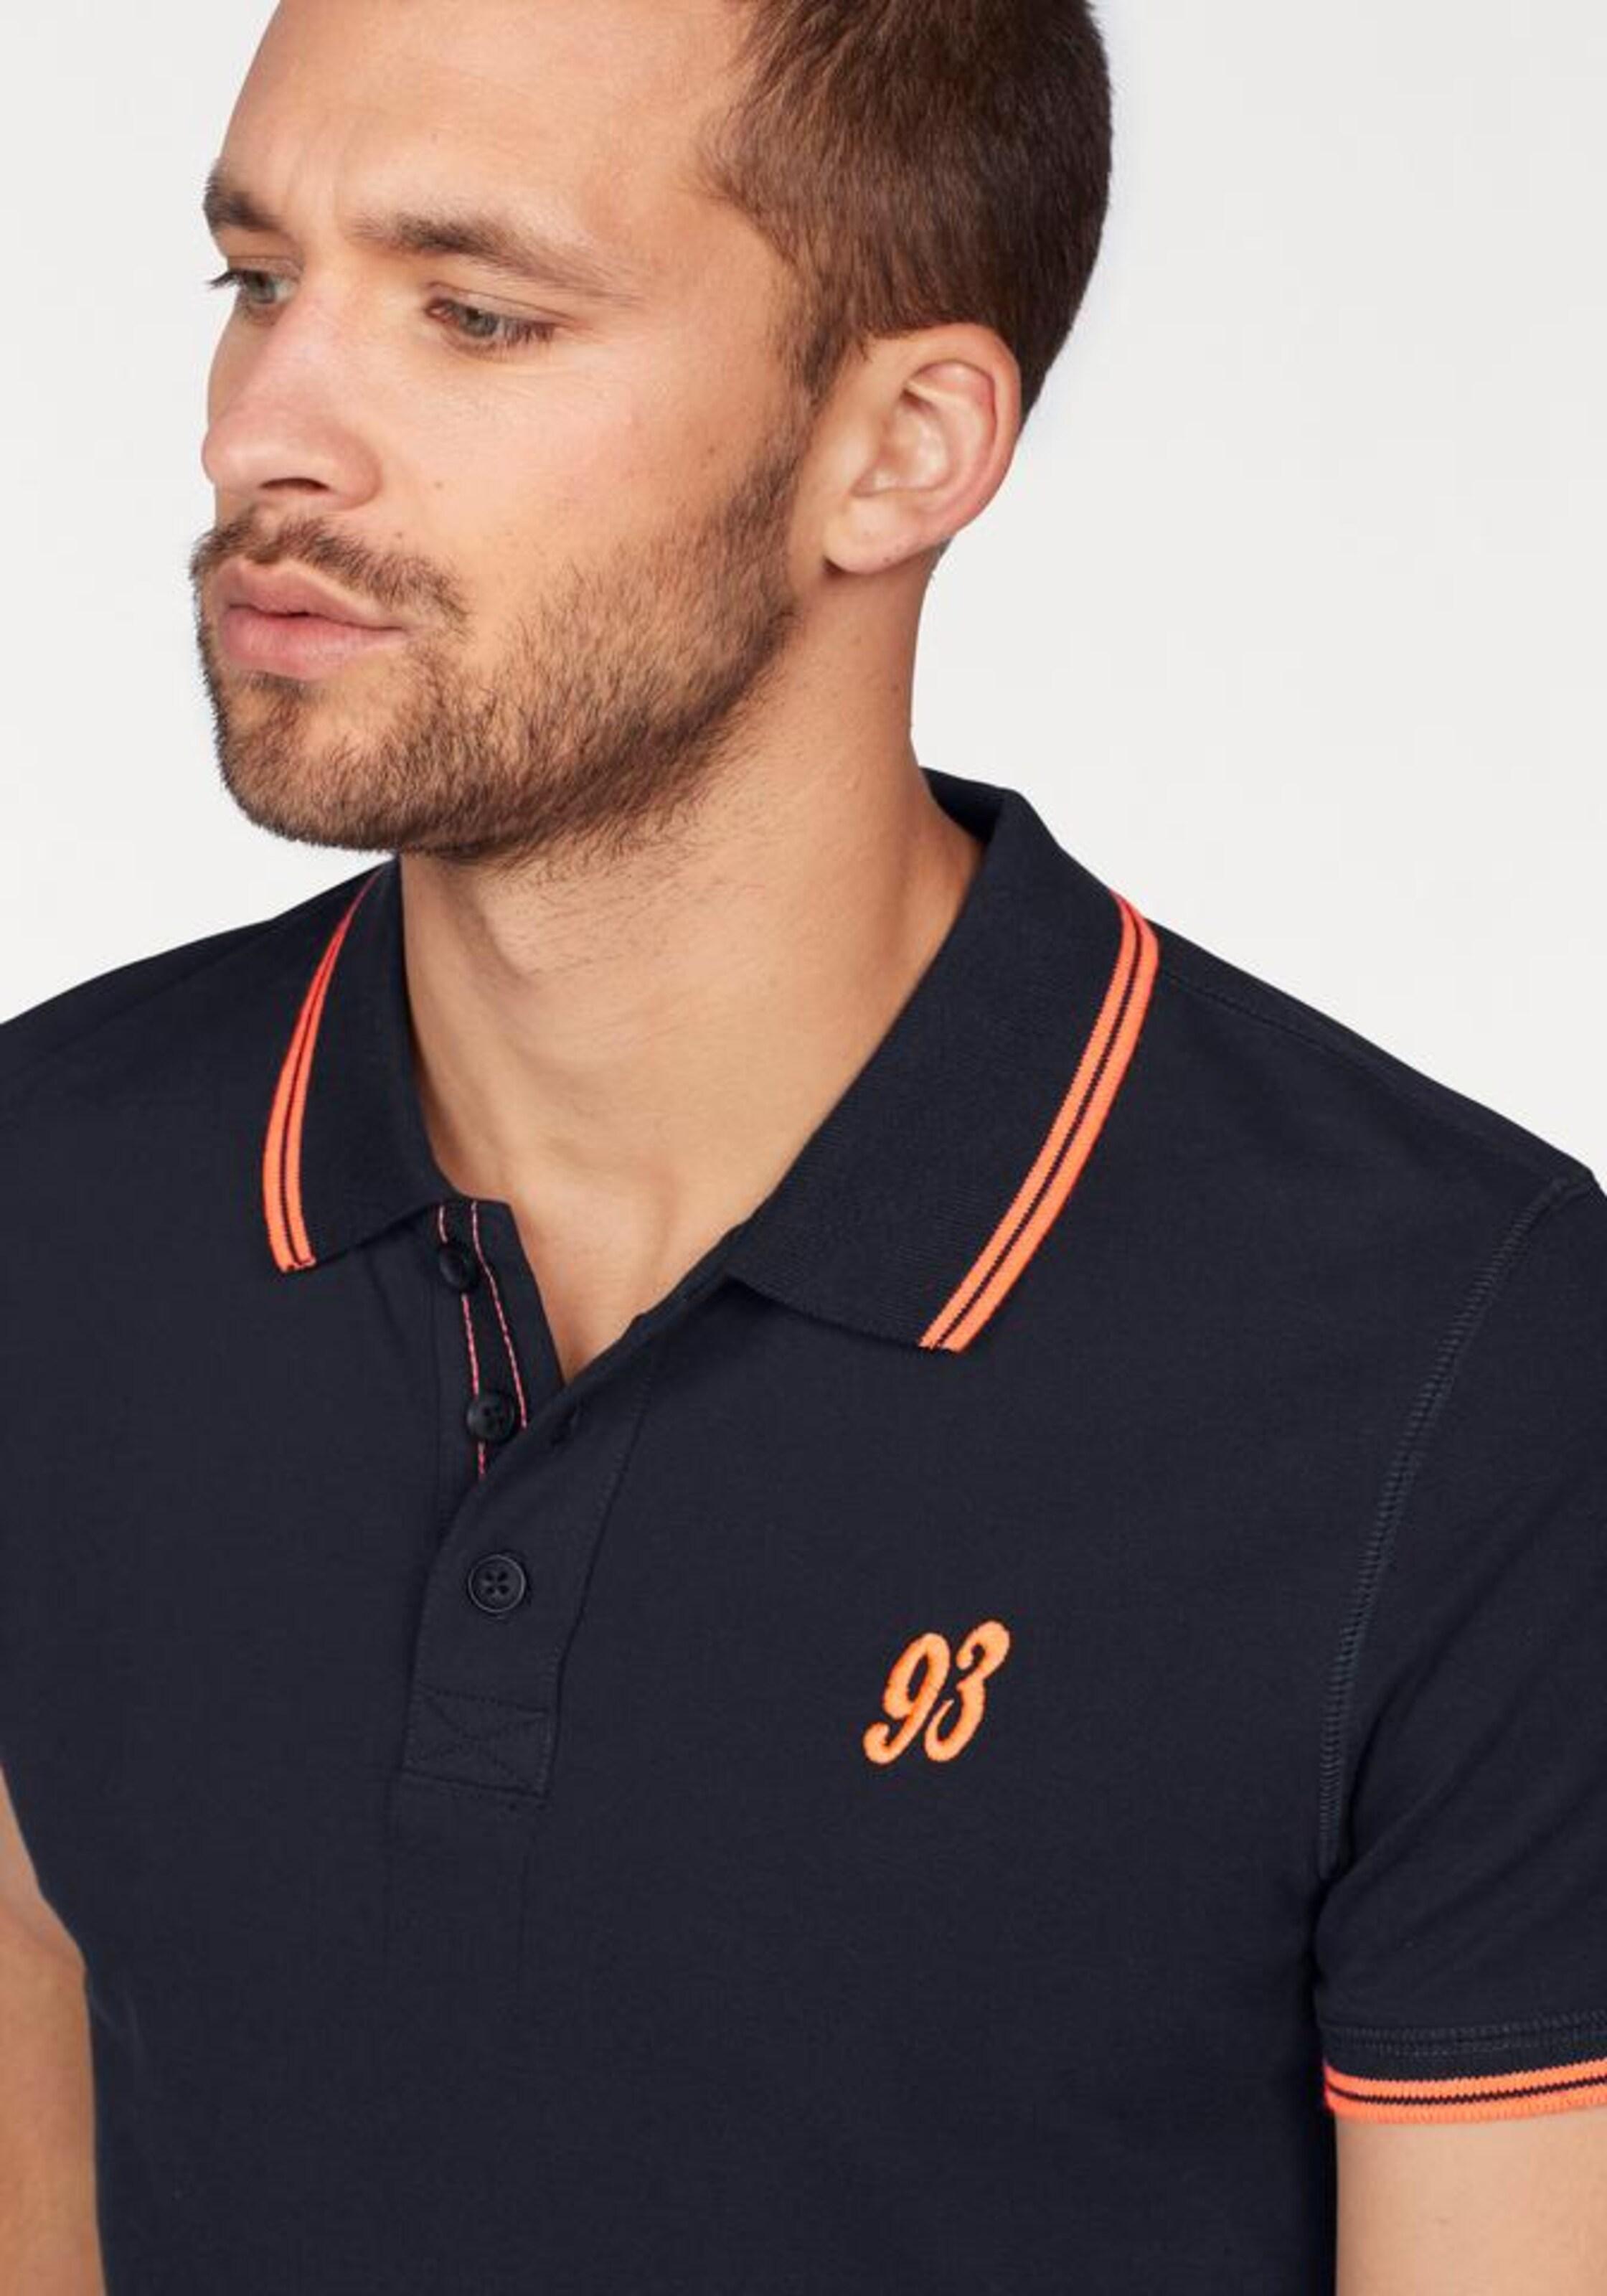 BRUNO BANANI Poloshirt Rabatt Top-Qualität Nicekicks Online Größte Lieferant Für Verkauf Exklusiv Auslass Günstiger Preis KLfHV